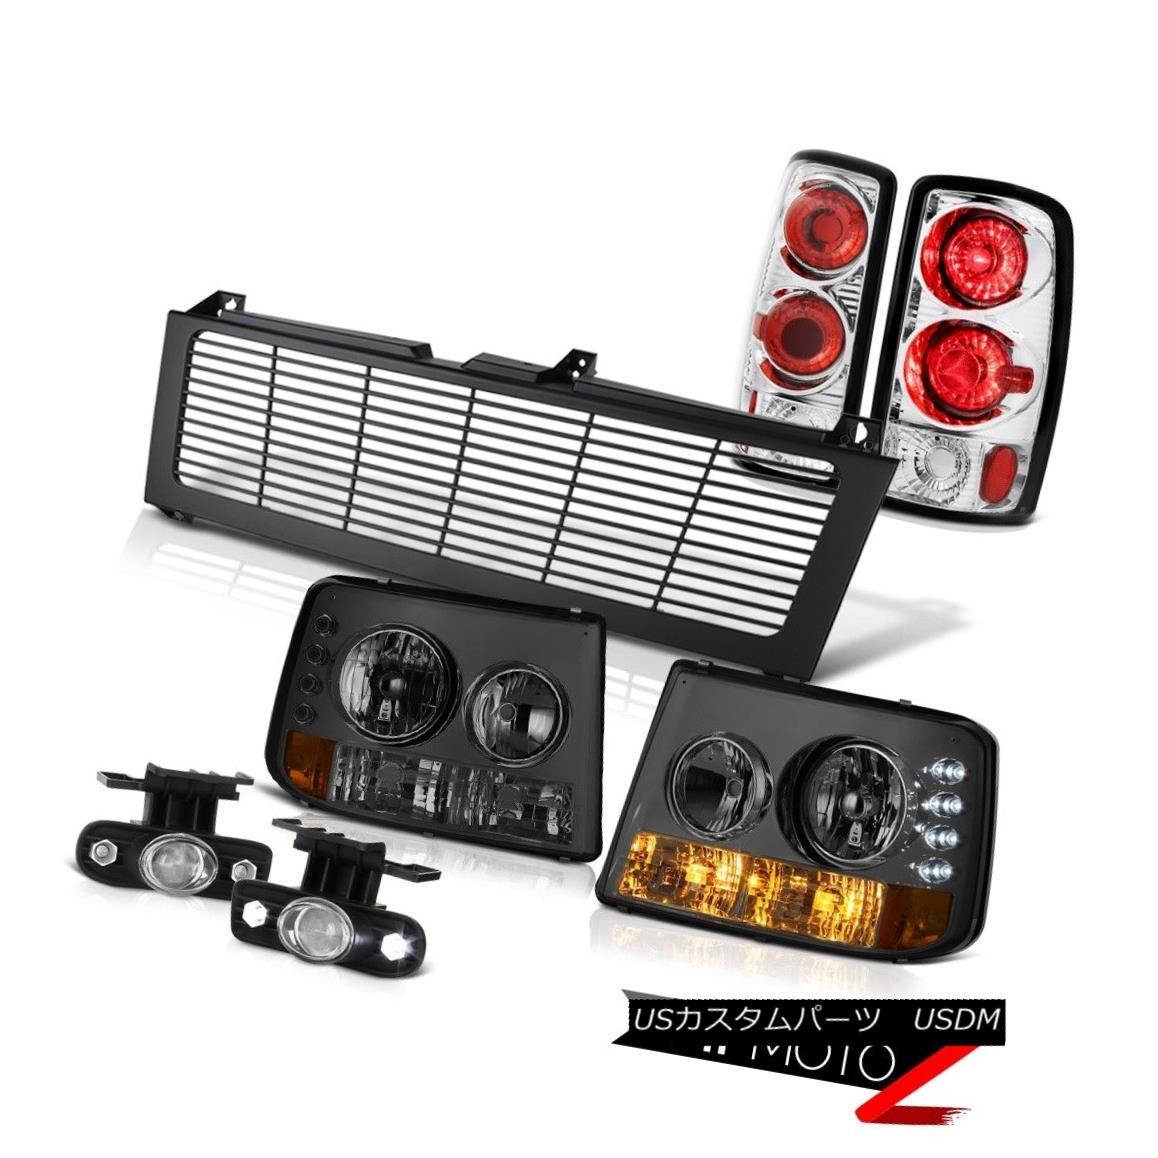 ヘッドライト Smoke Bumper Headlight Rear Lamp Chrome Fog Black Grille 2000-2006 Suburban 5.7L スモークバンパーヘッドライトリアランプクロムフォグブラックグリル2000-2006郊外5.7L